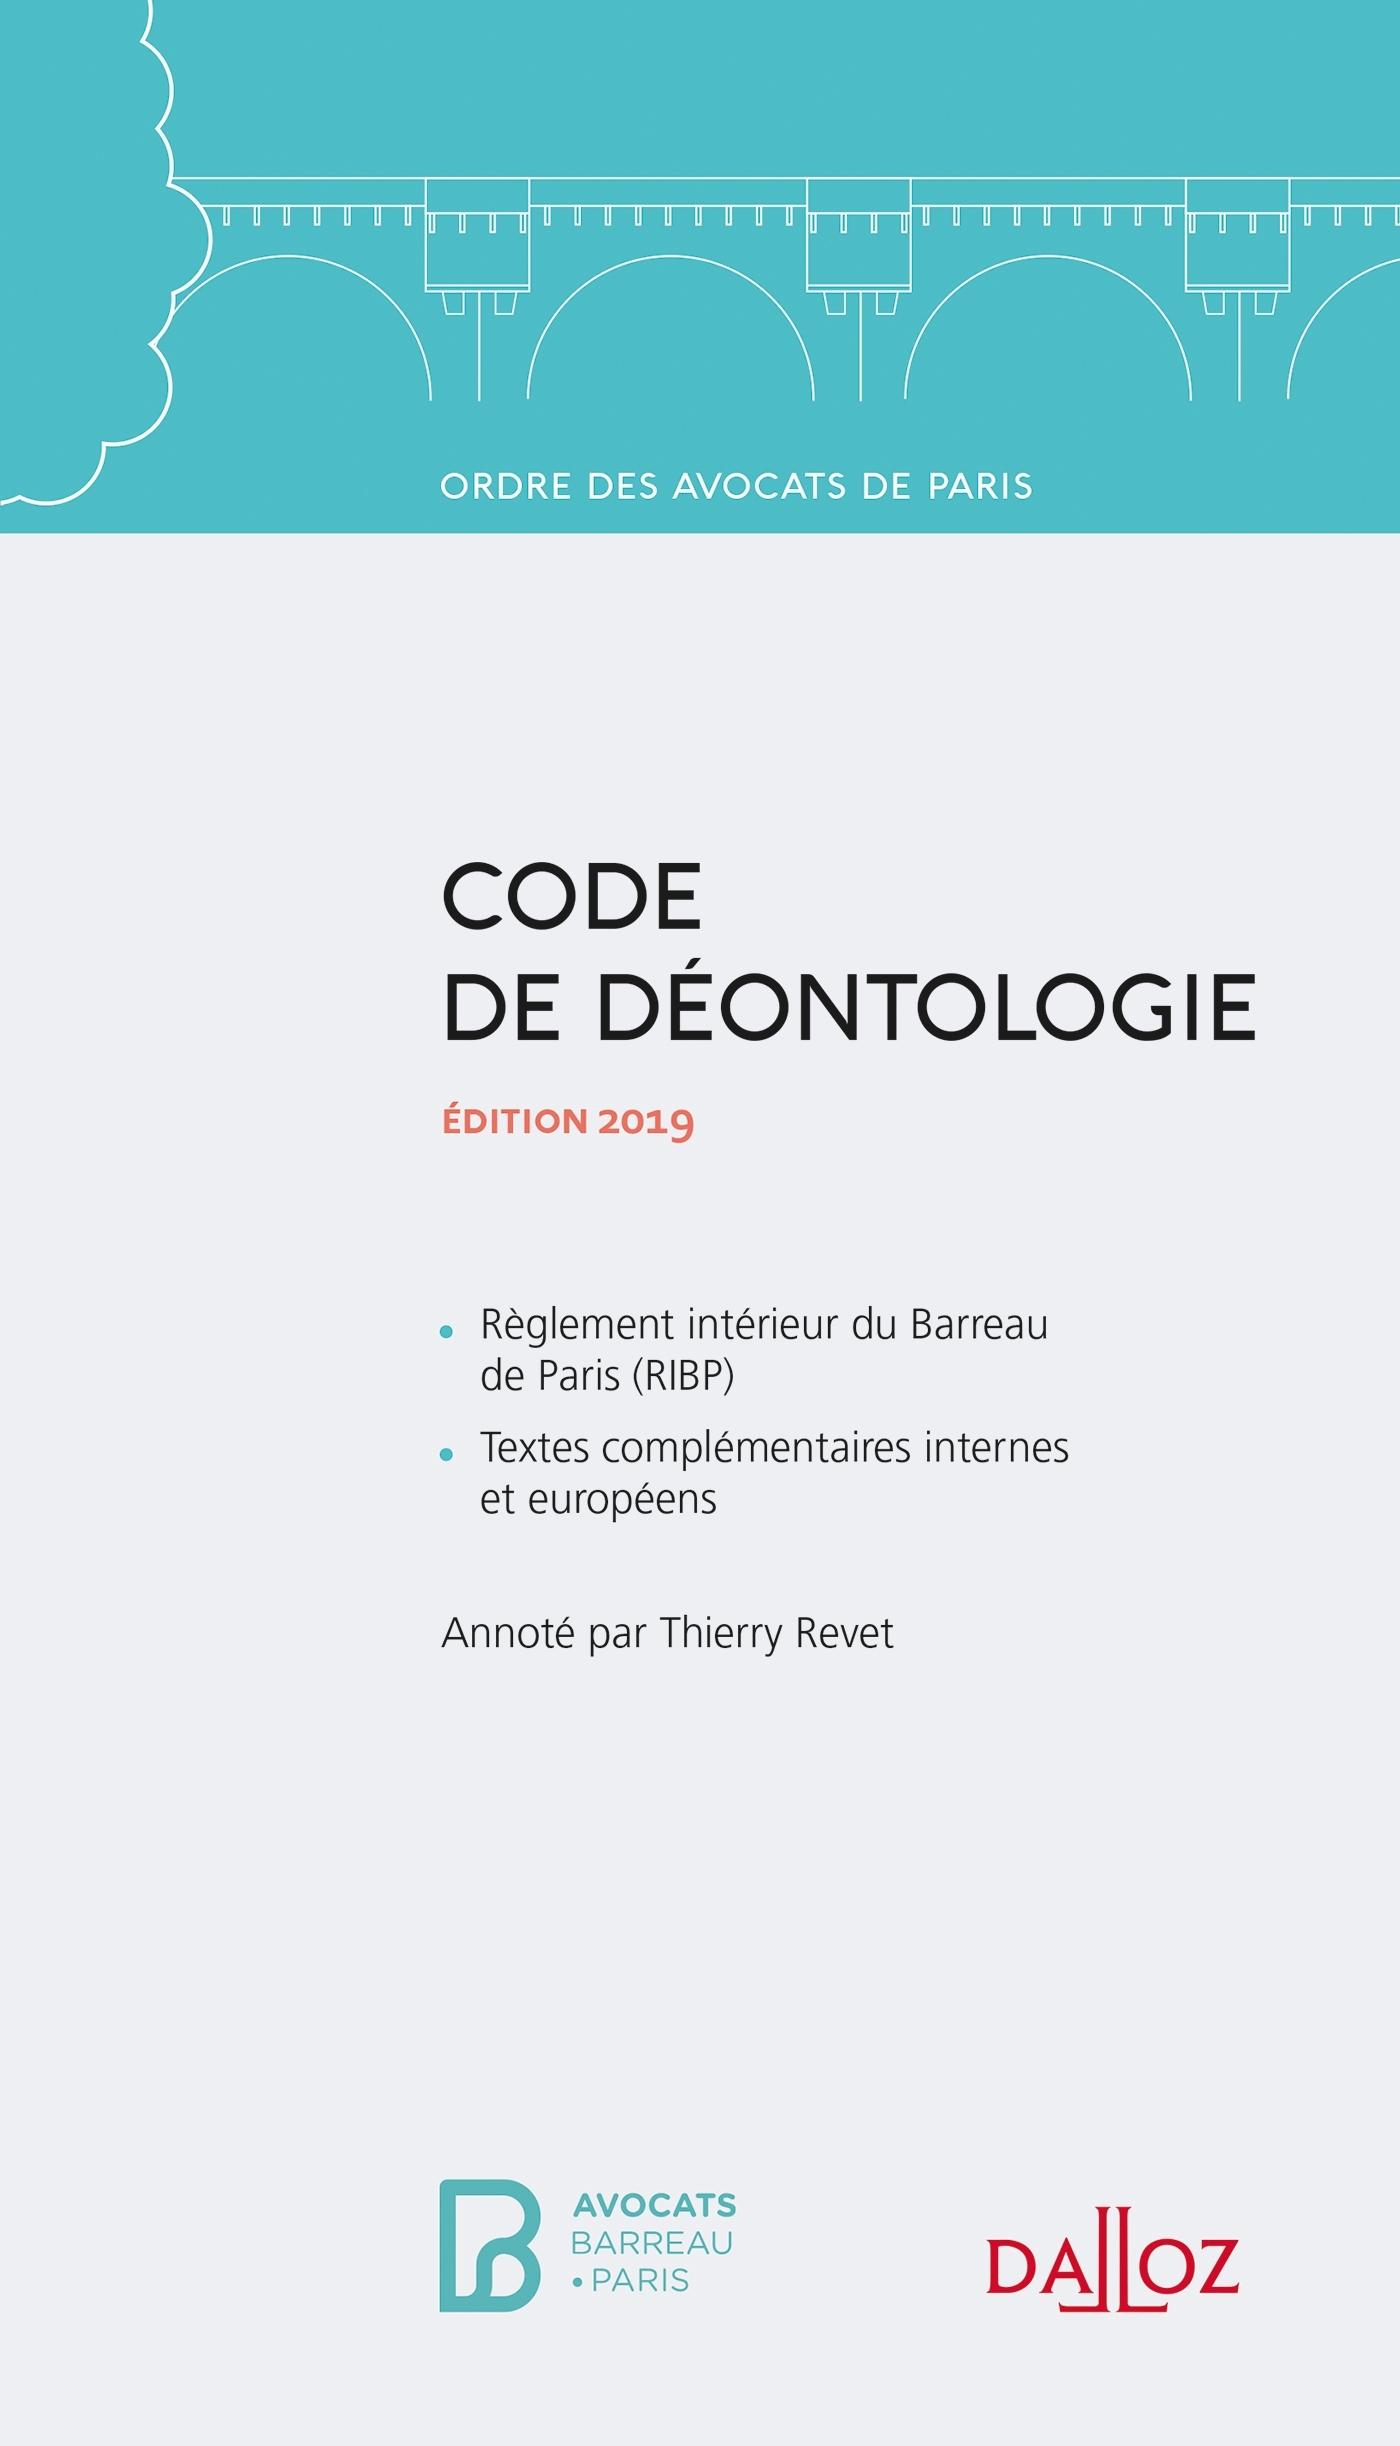 CODE DE DEONTOLOGIE  - 8E ED. - EDITION 2019